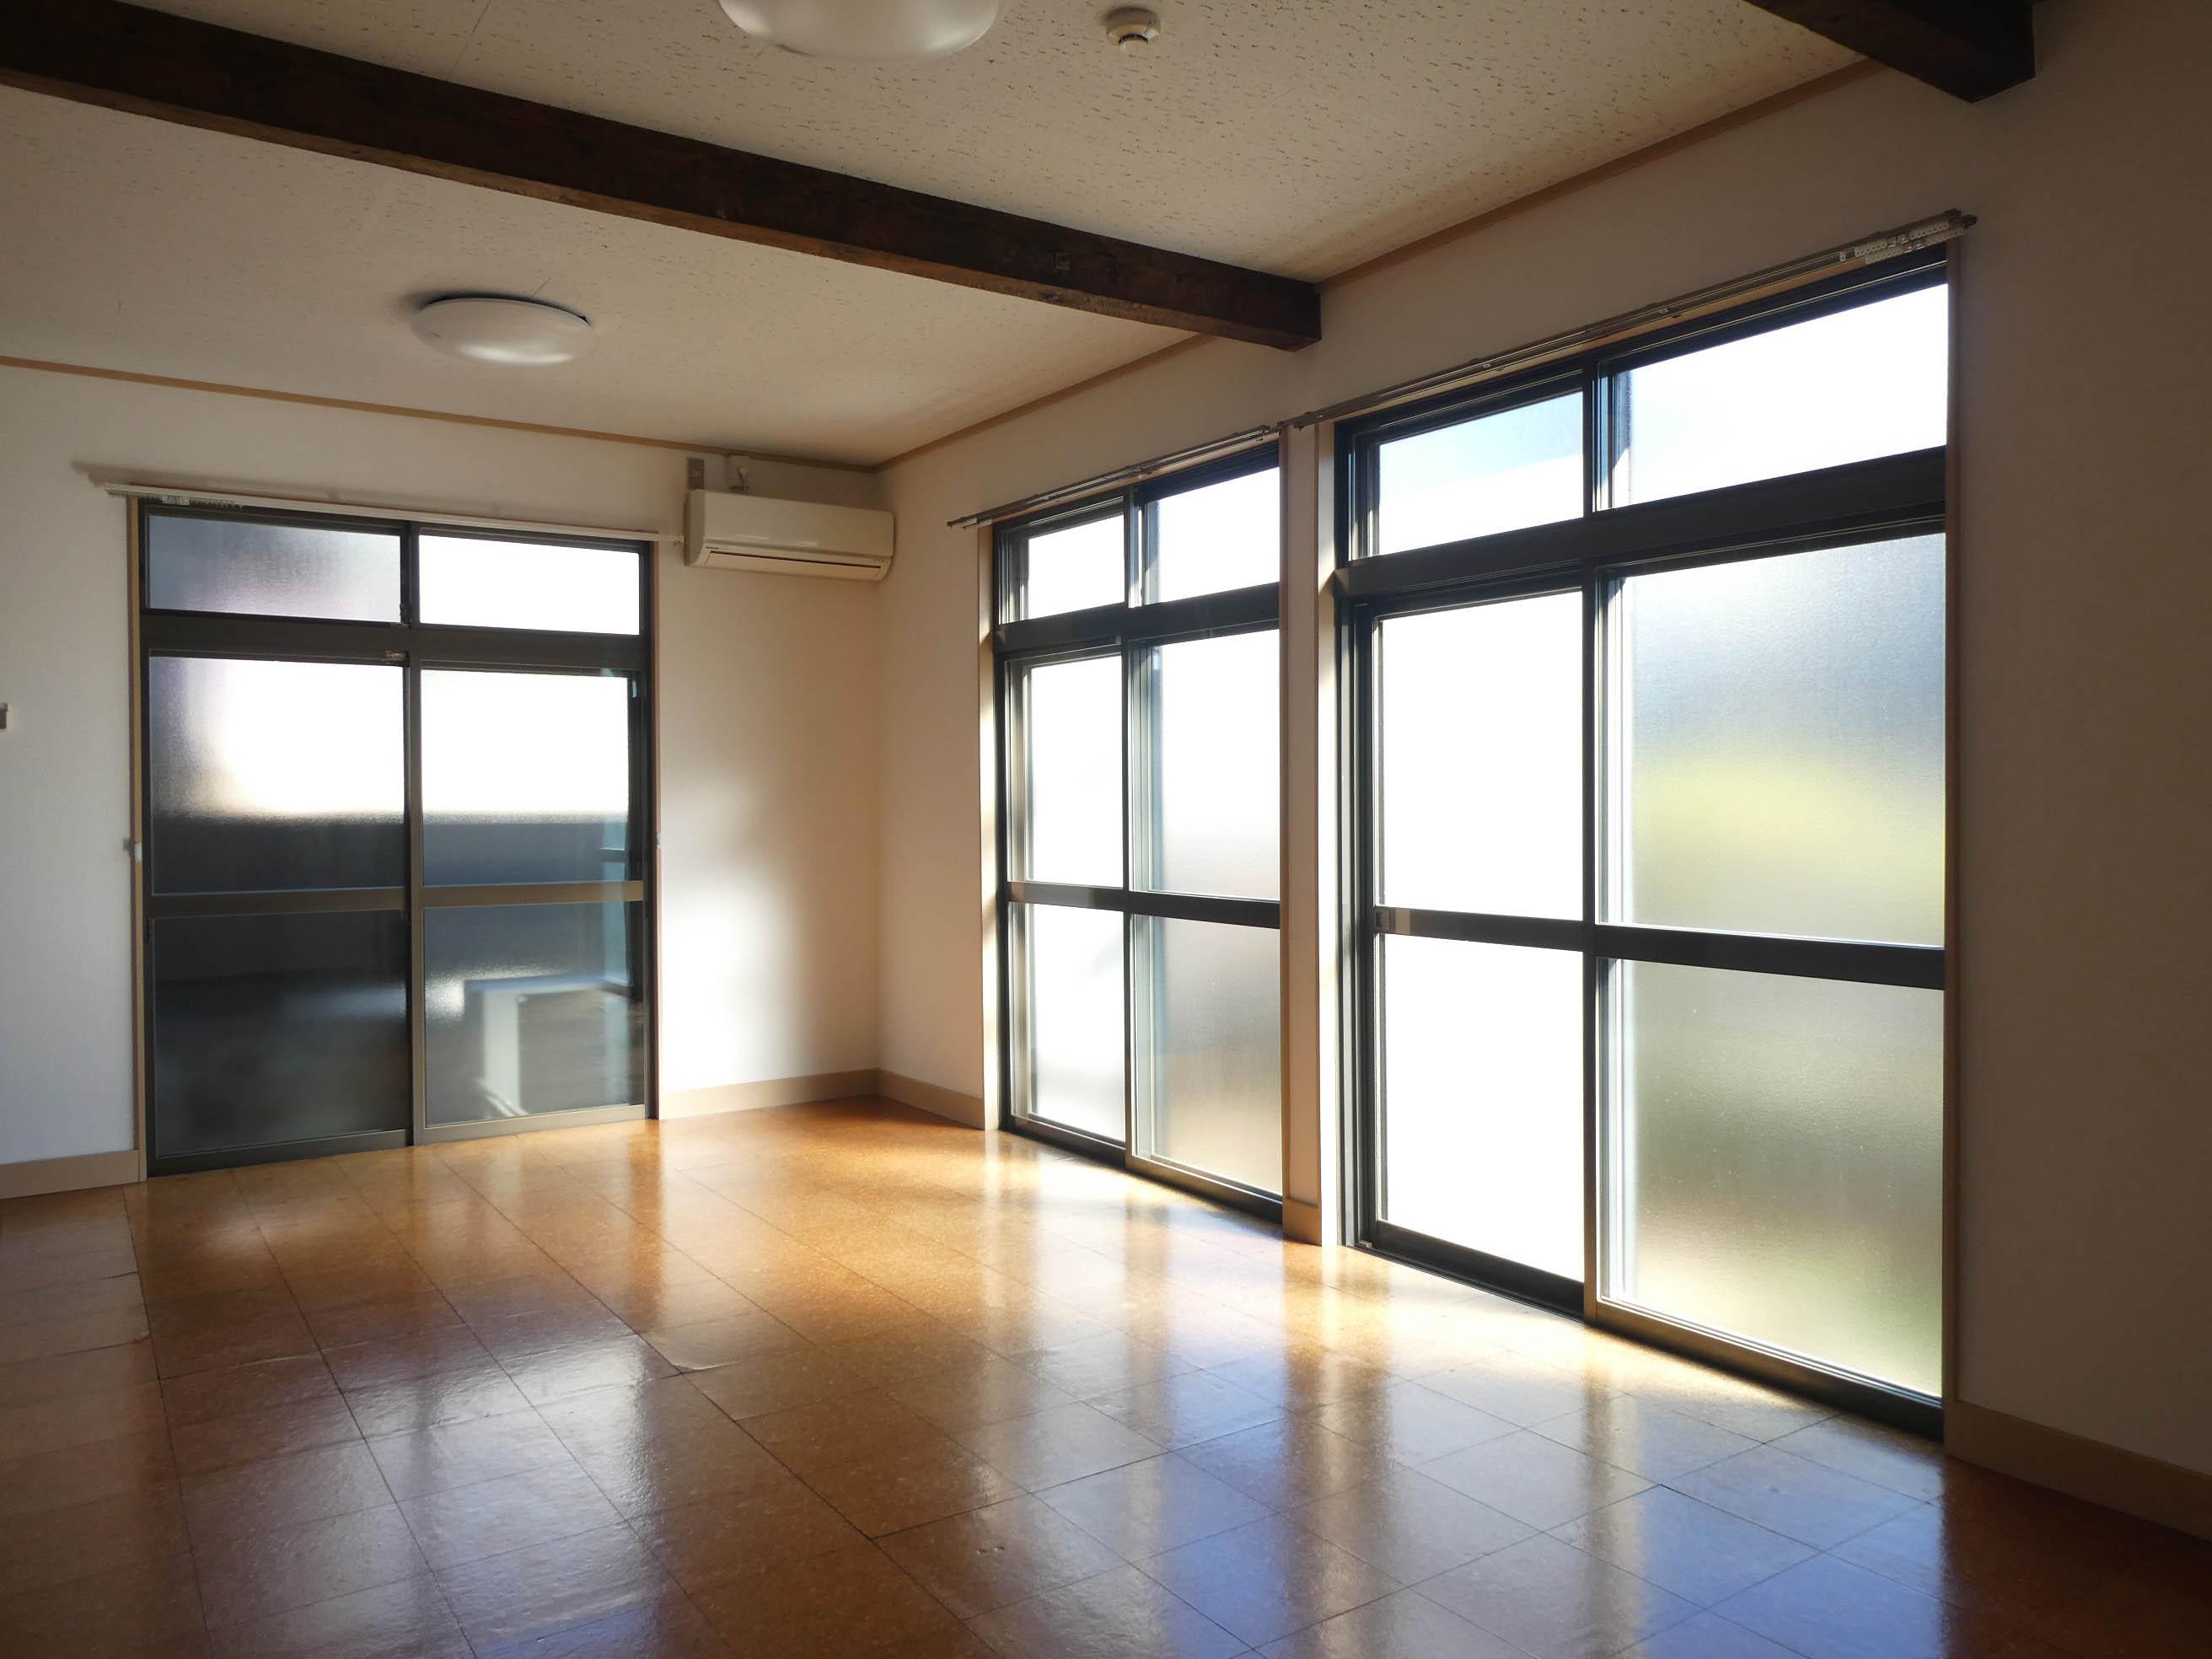 光が優しく室内を照らします